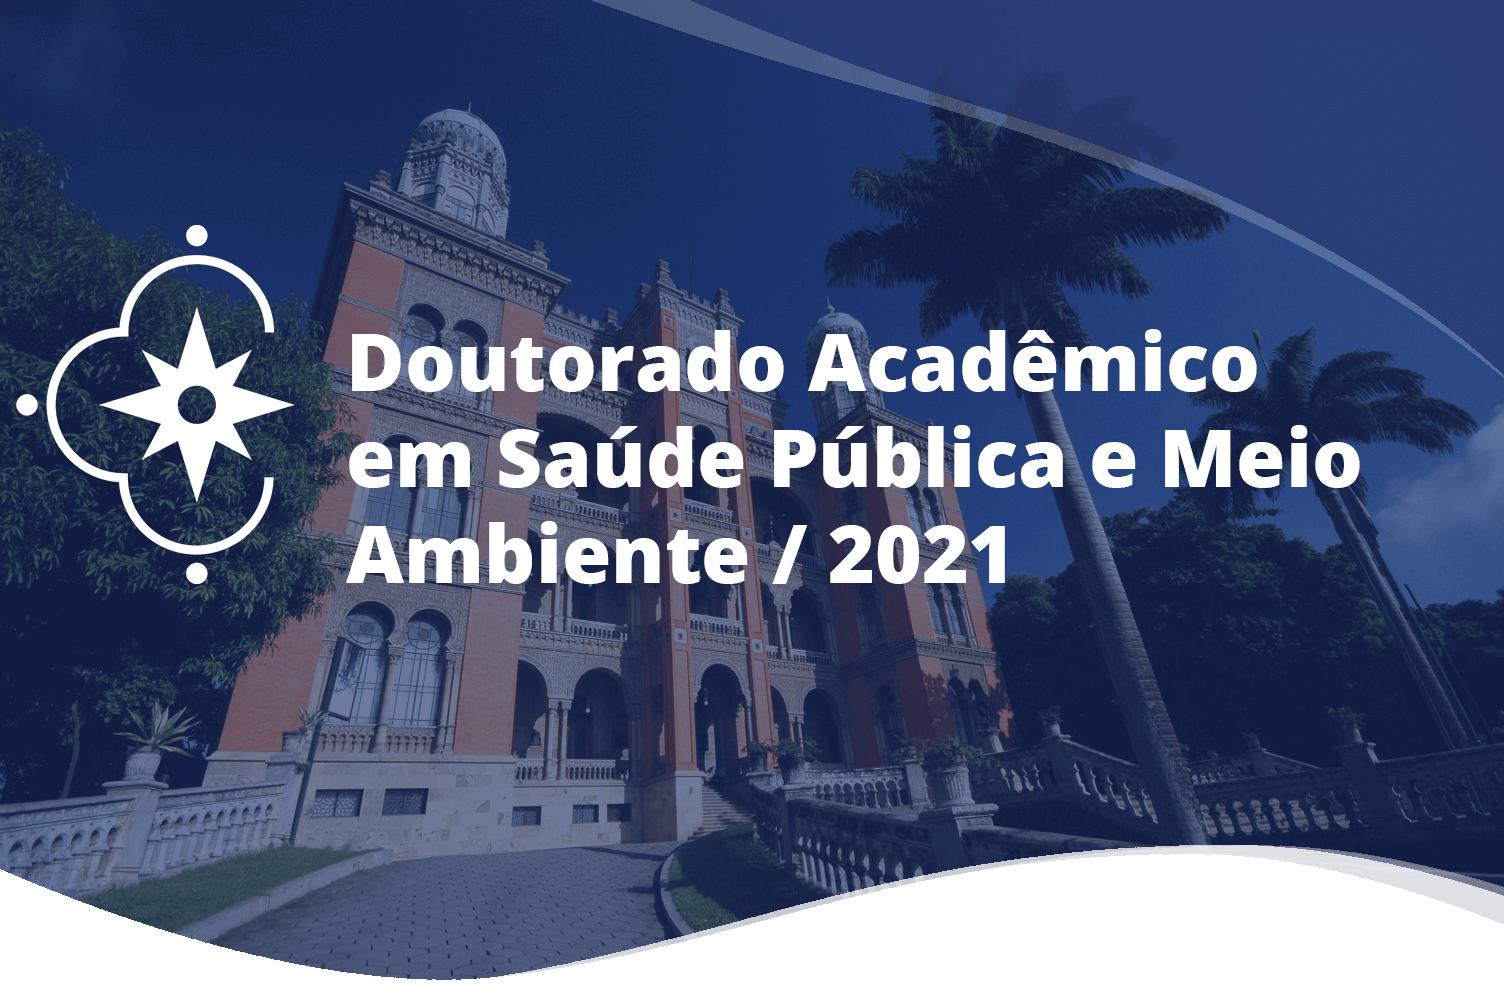 Doutorado Acadêmico em Saúde Pública e Meio Ambiente / 2021